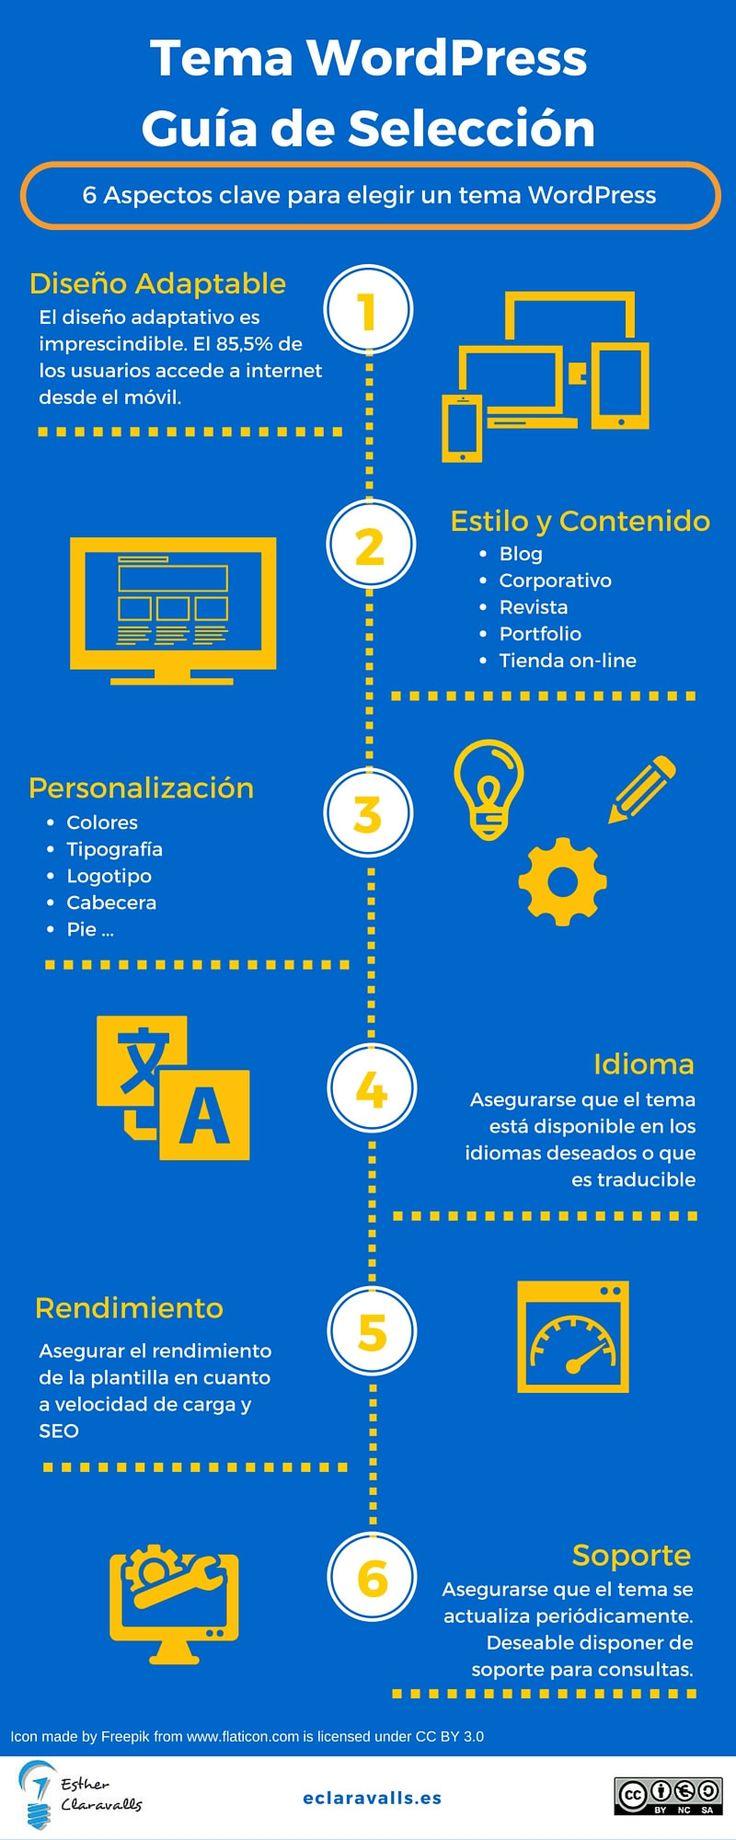 Tema-WordPress.-Guía-de-Selección.jpg (800×2000)